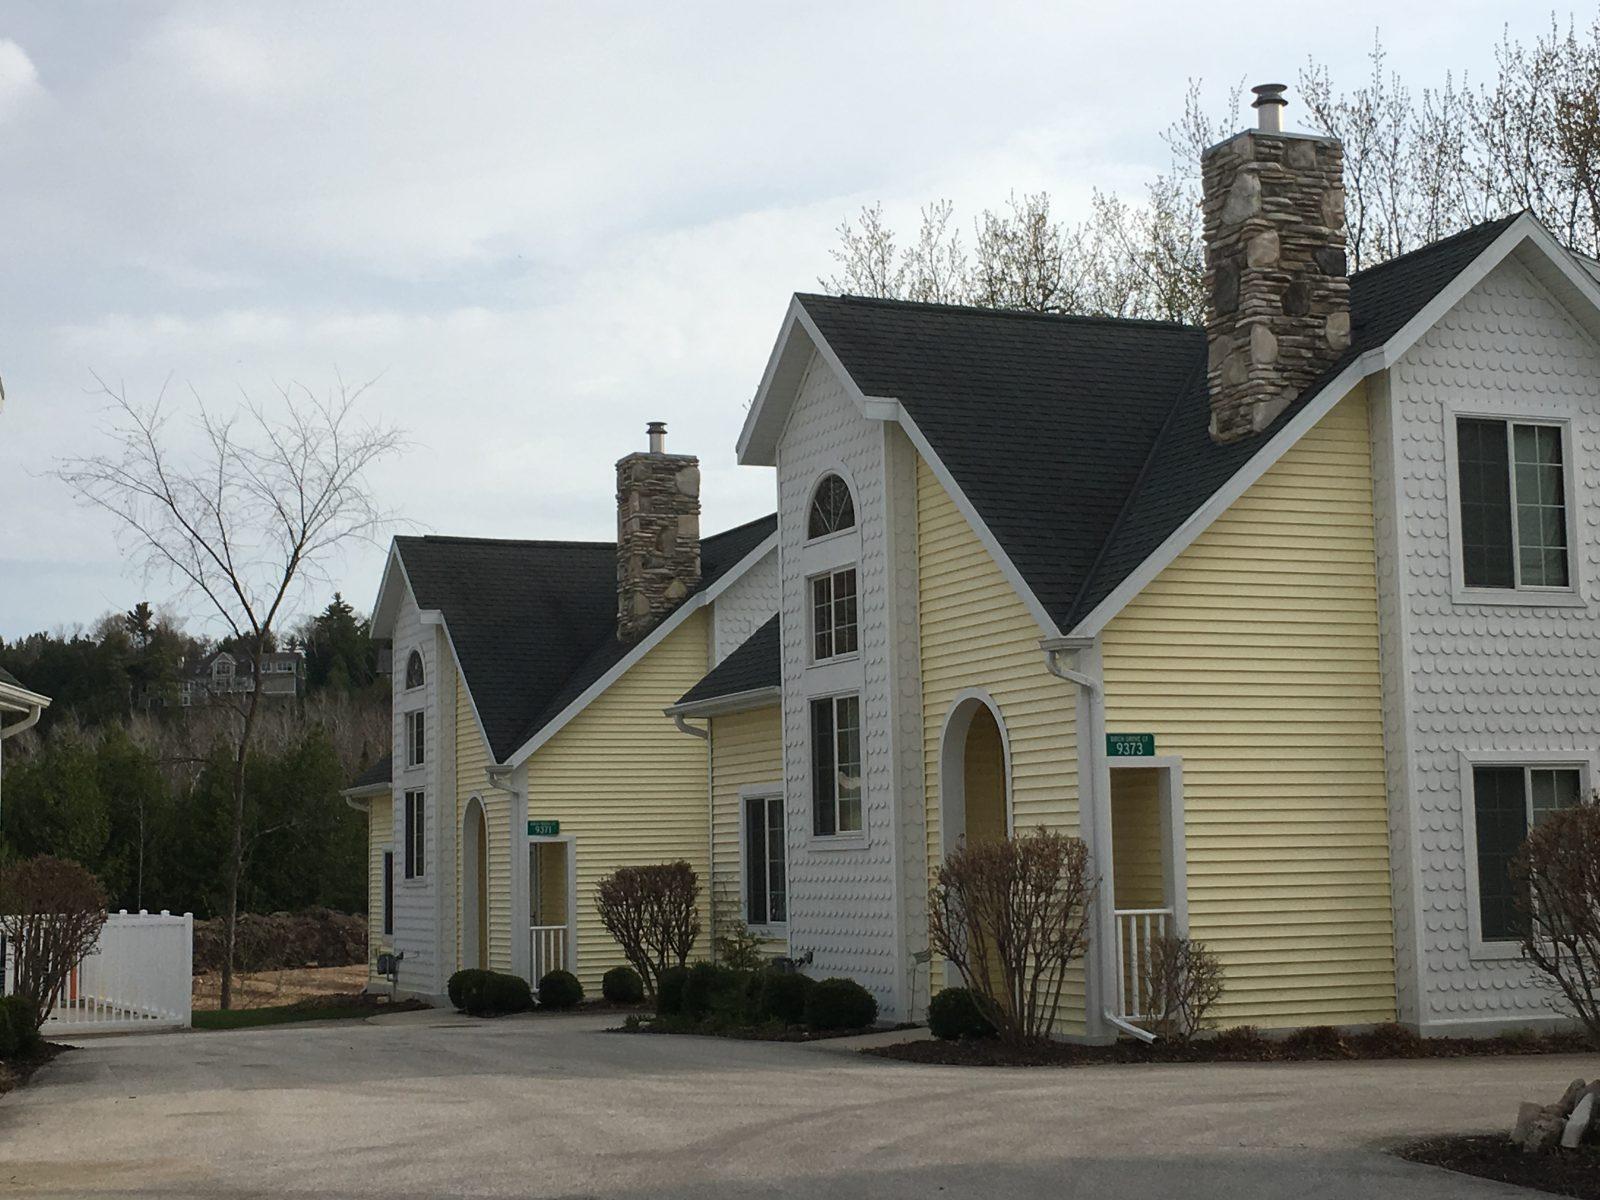 Door County In The Heart Of Fish Creek Village Rent With